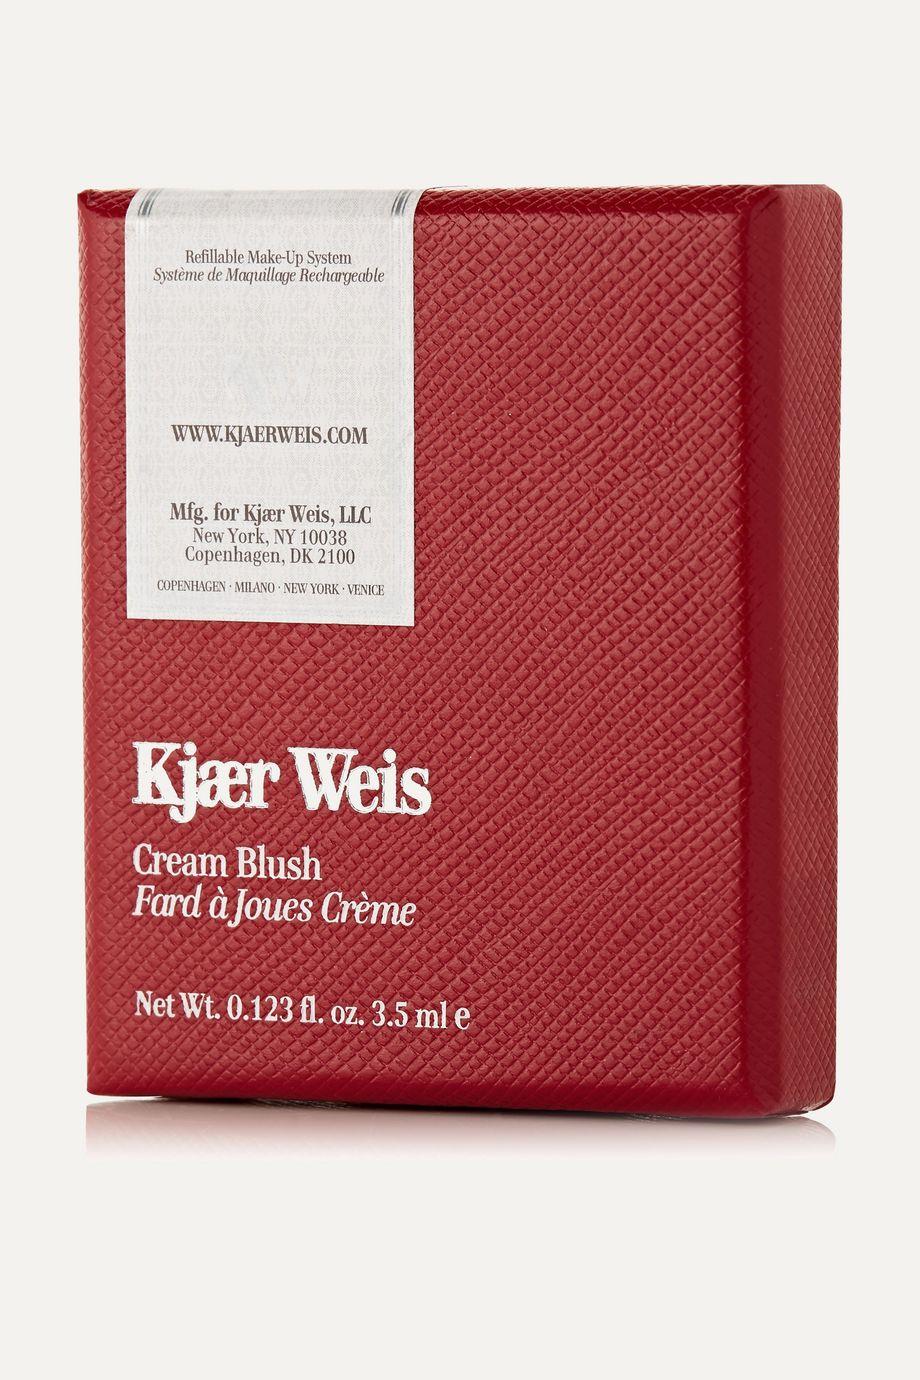 Kjaer Weis Cream Blush - Reverence